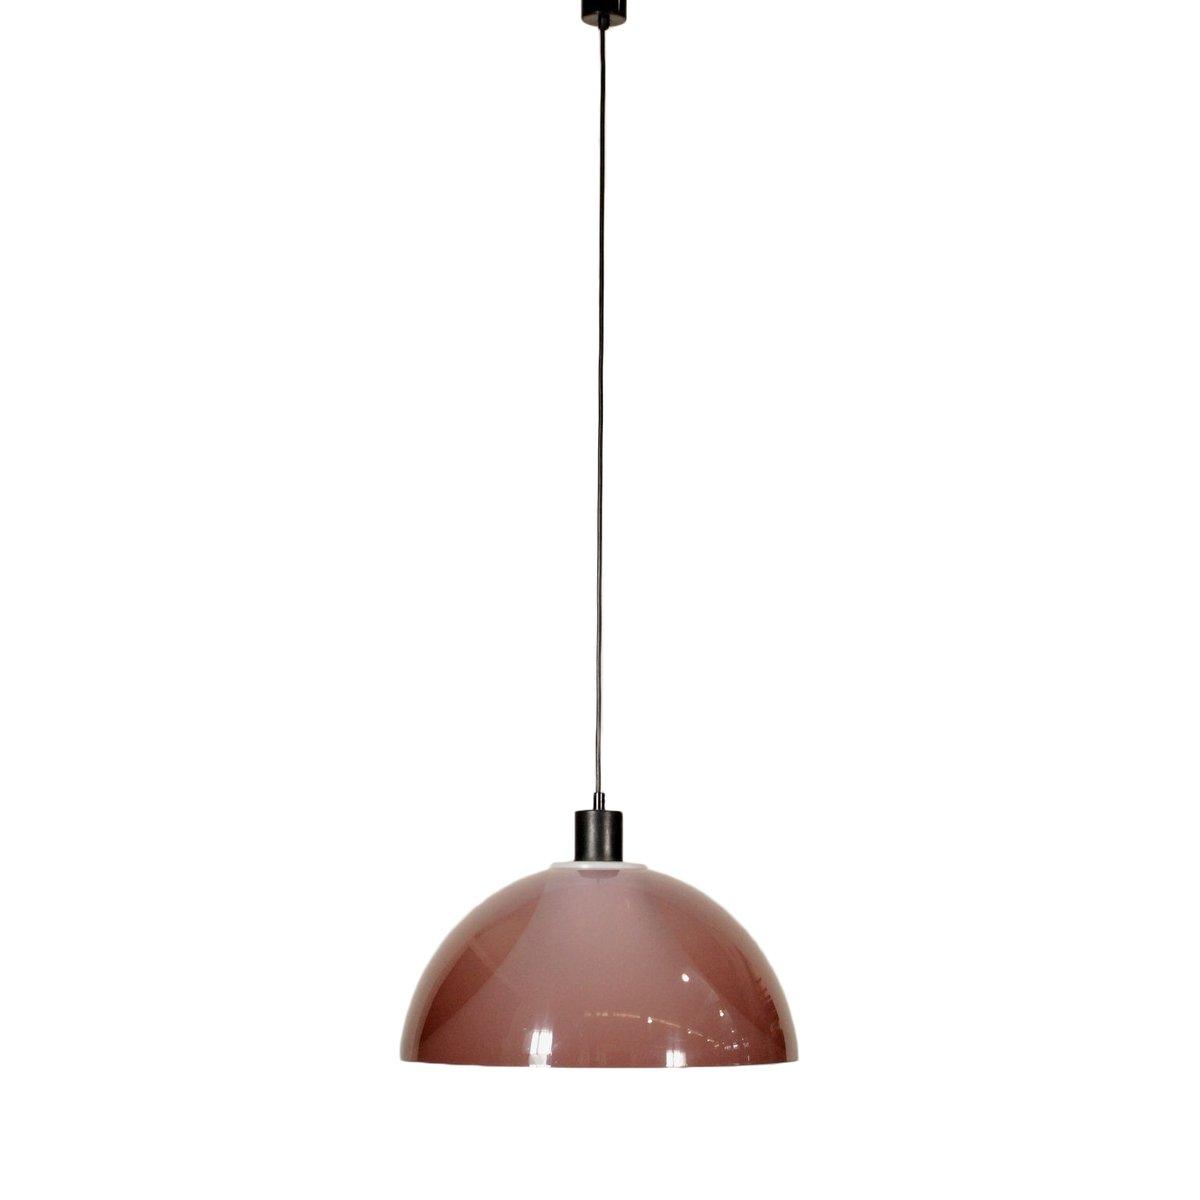 Italienische Deckenlampe aus Methacrylat, 1960er